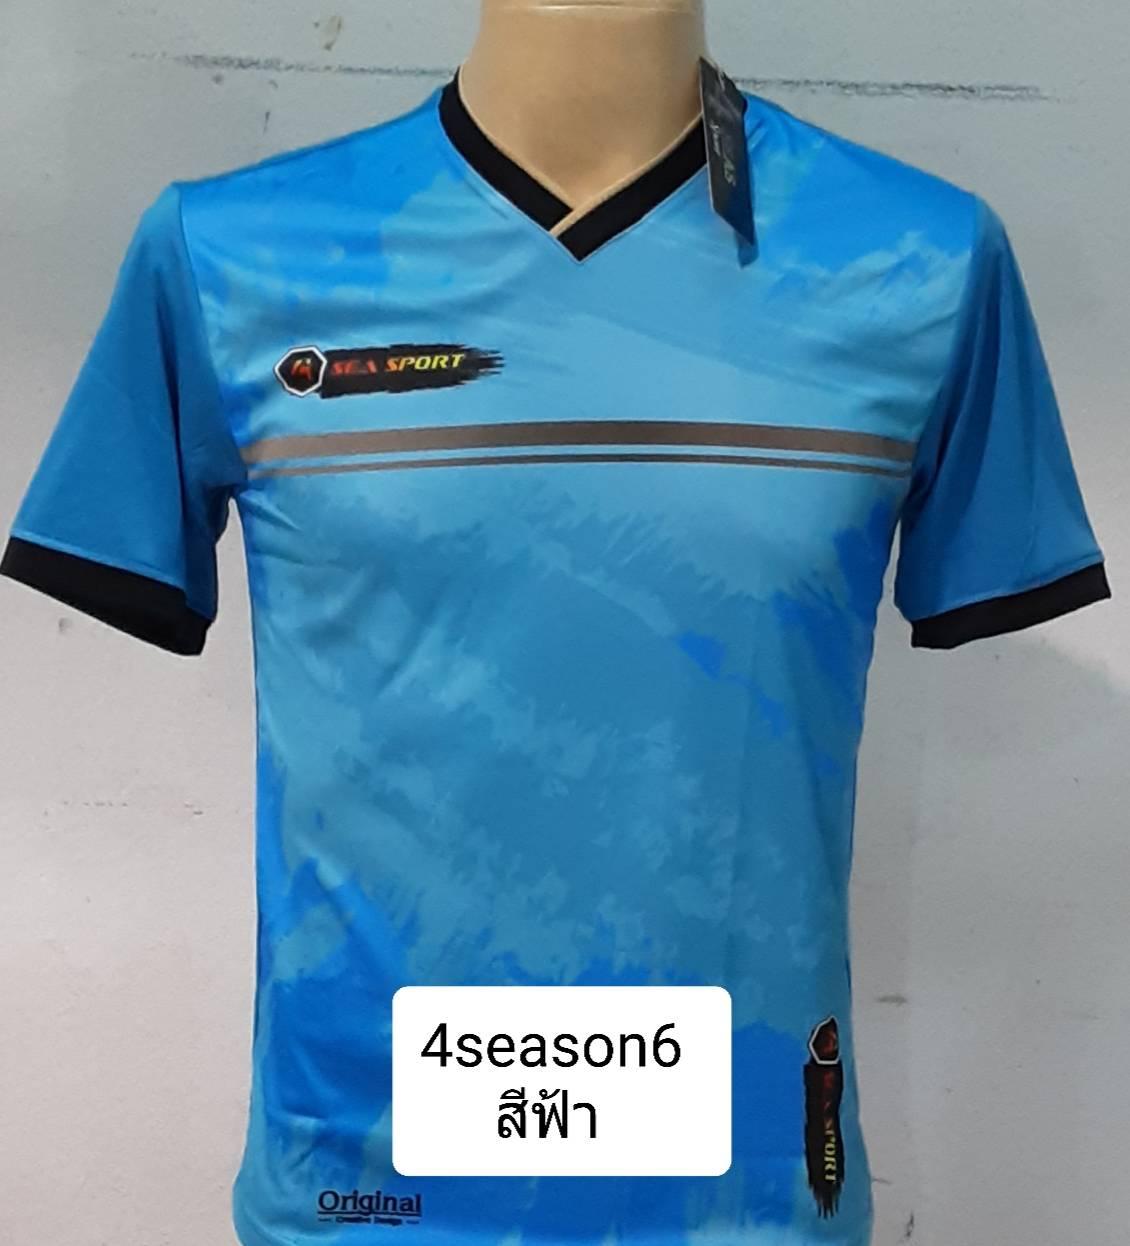 ชื่อสินค้า : CAPPUCCINO 4S-6 / ซีซัน6 1